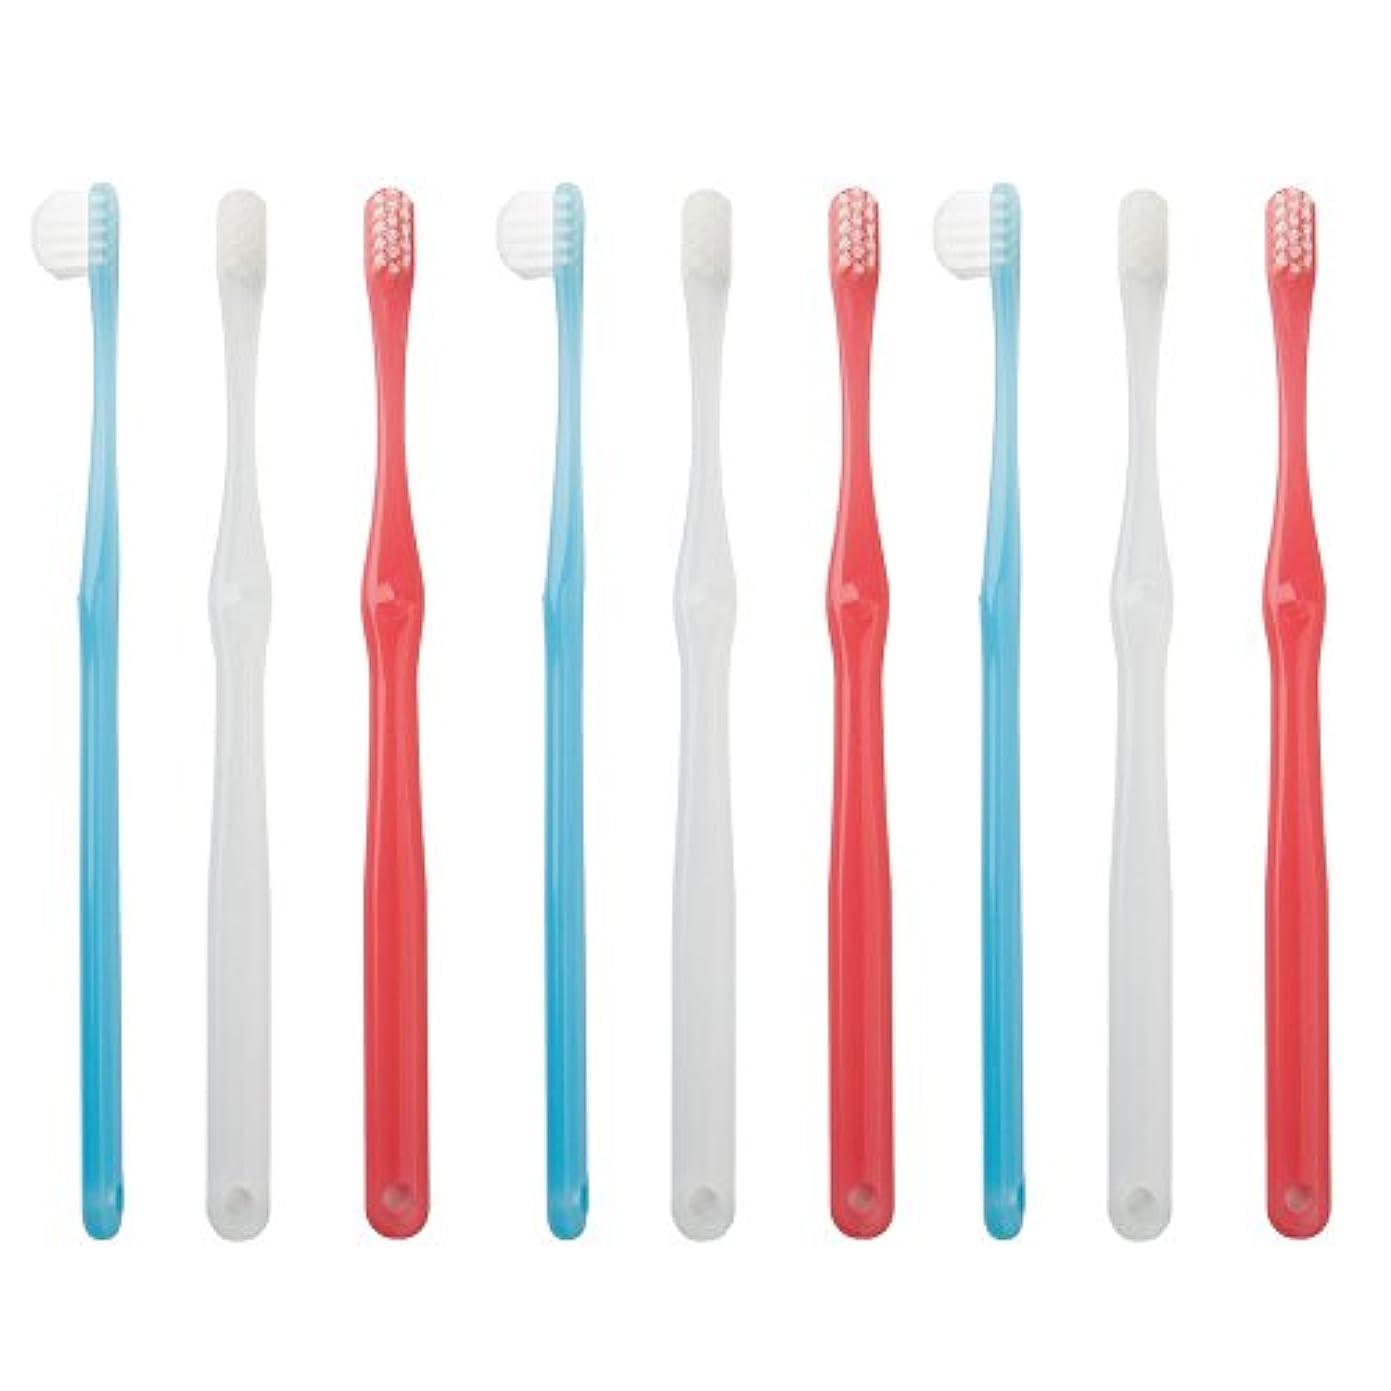 時代ラベル出発【9本入り】魔法のワハハ歯ブラシ